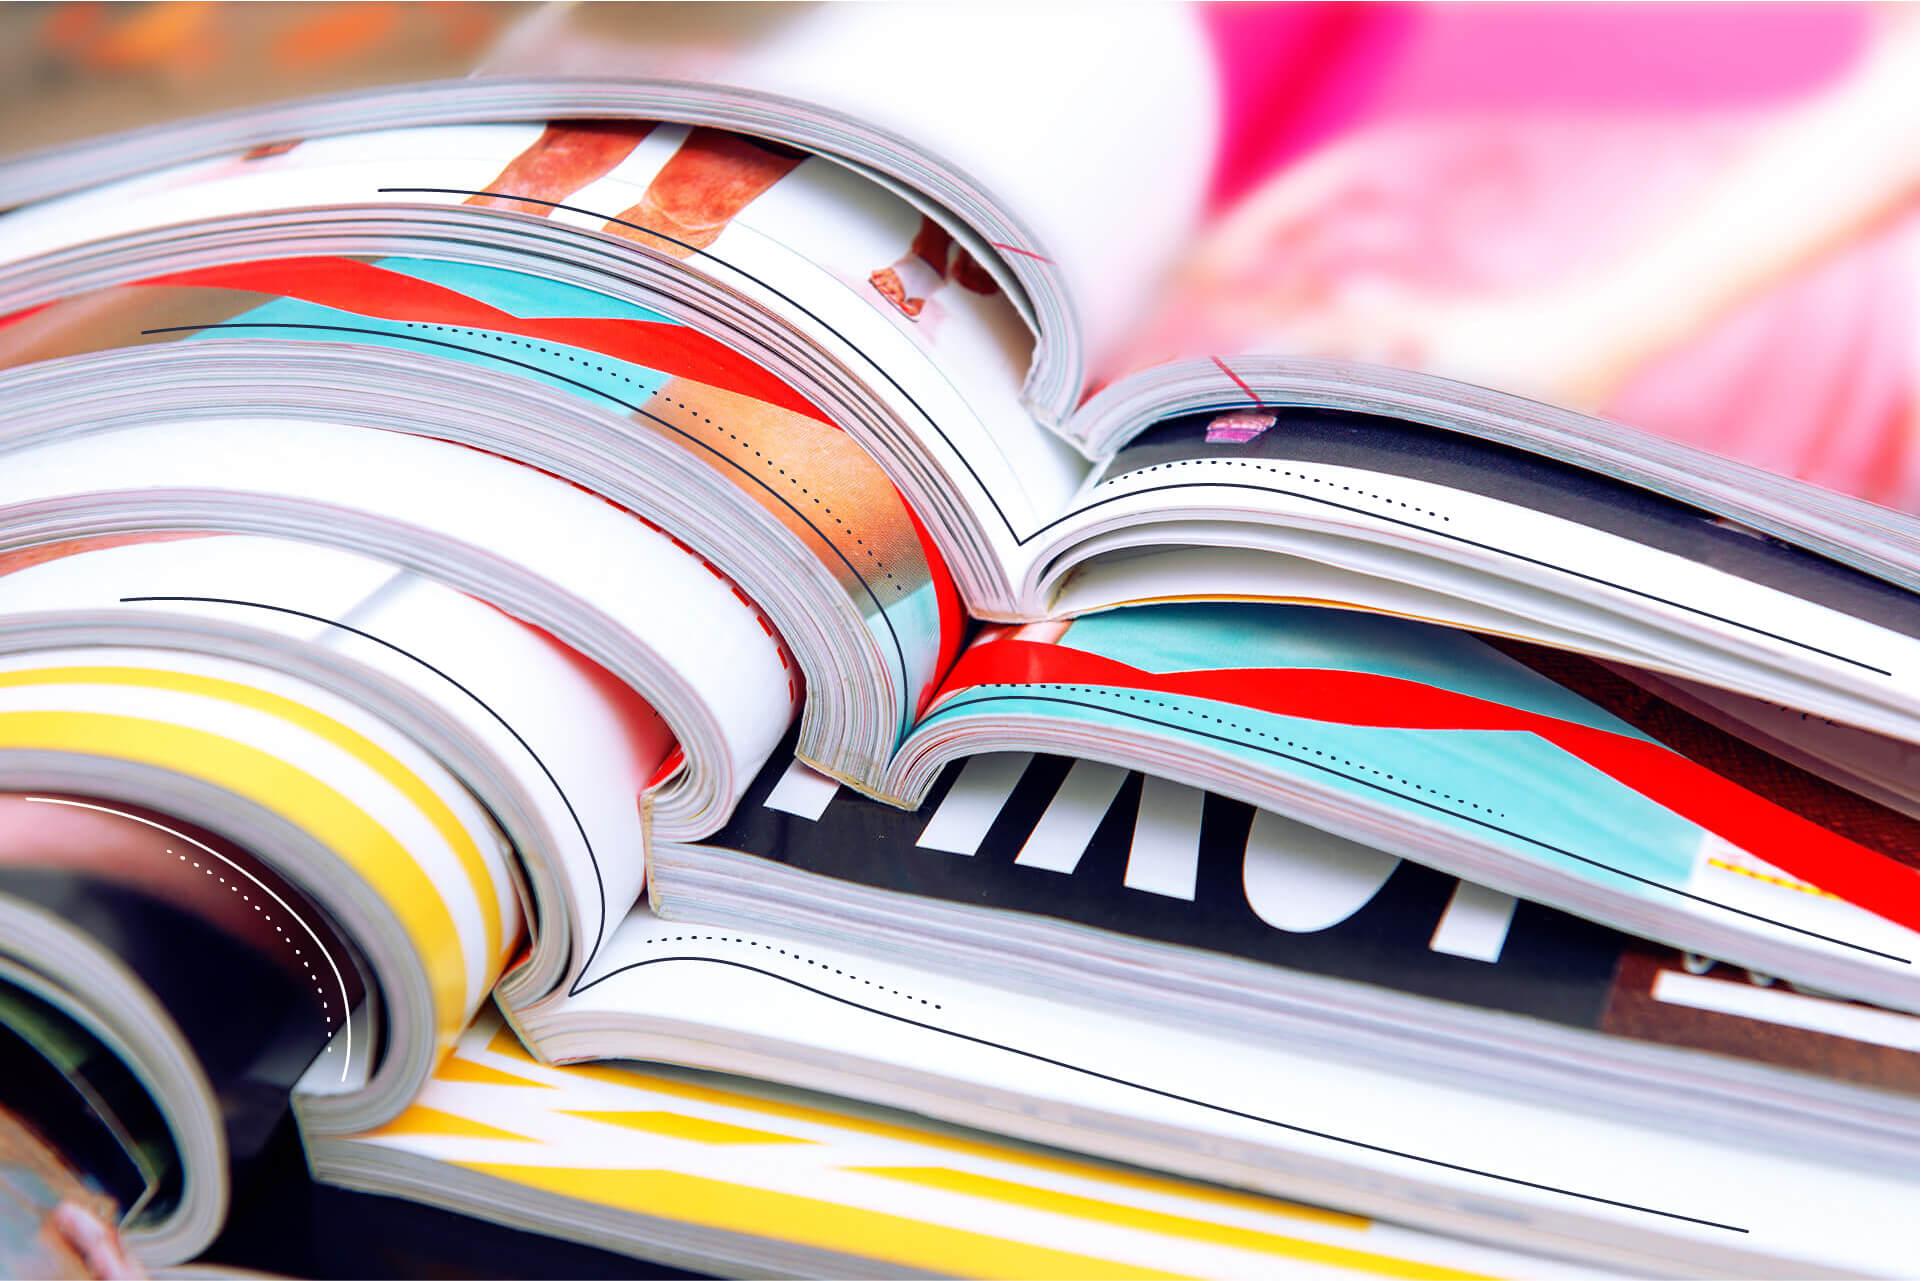 Gestapelte aufgeschlagene bunte Magazine | eggheads.net